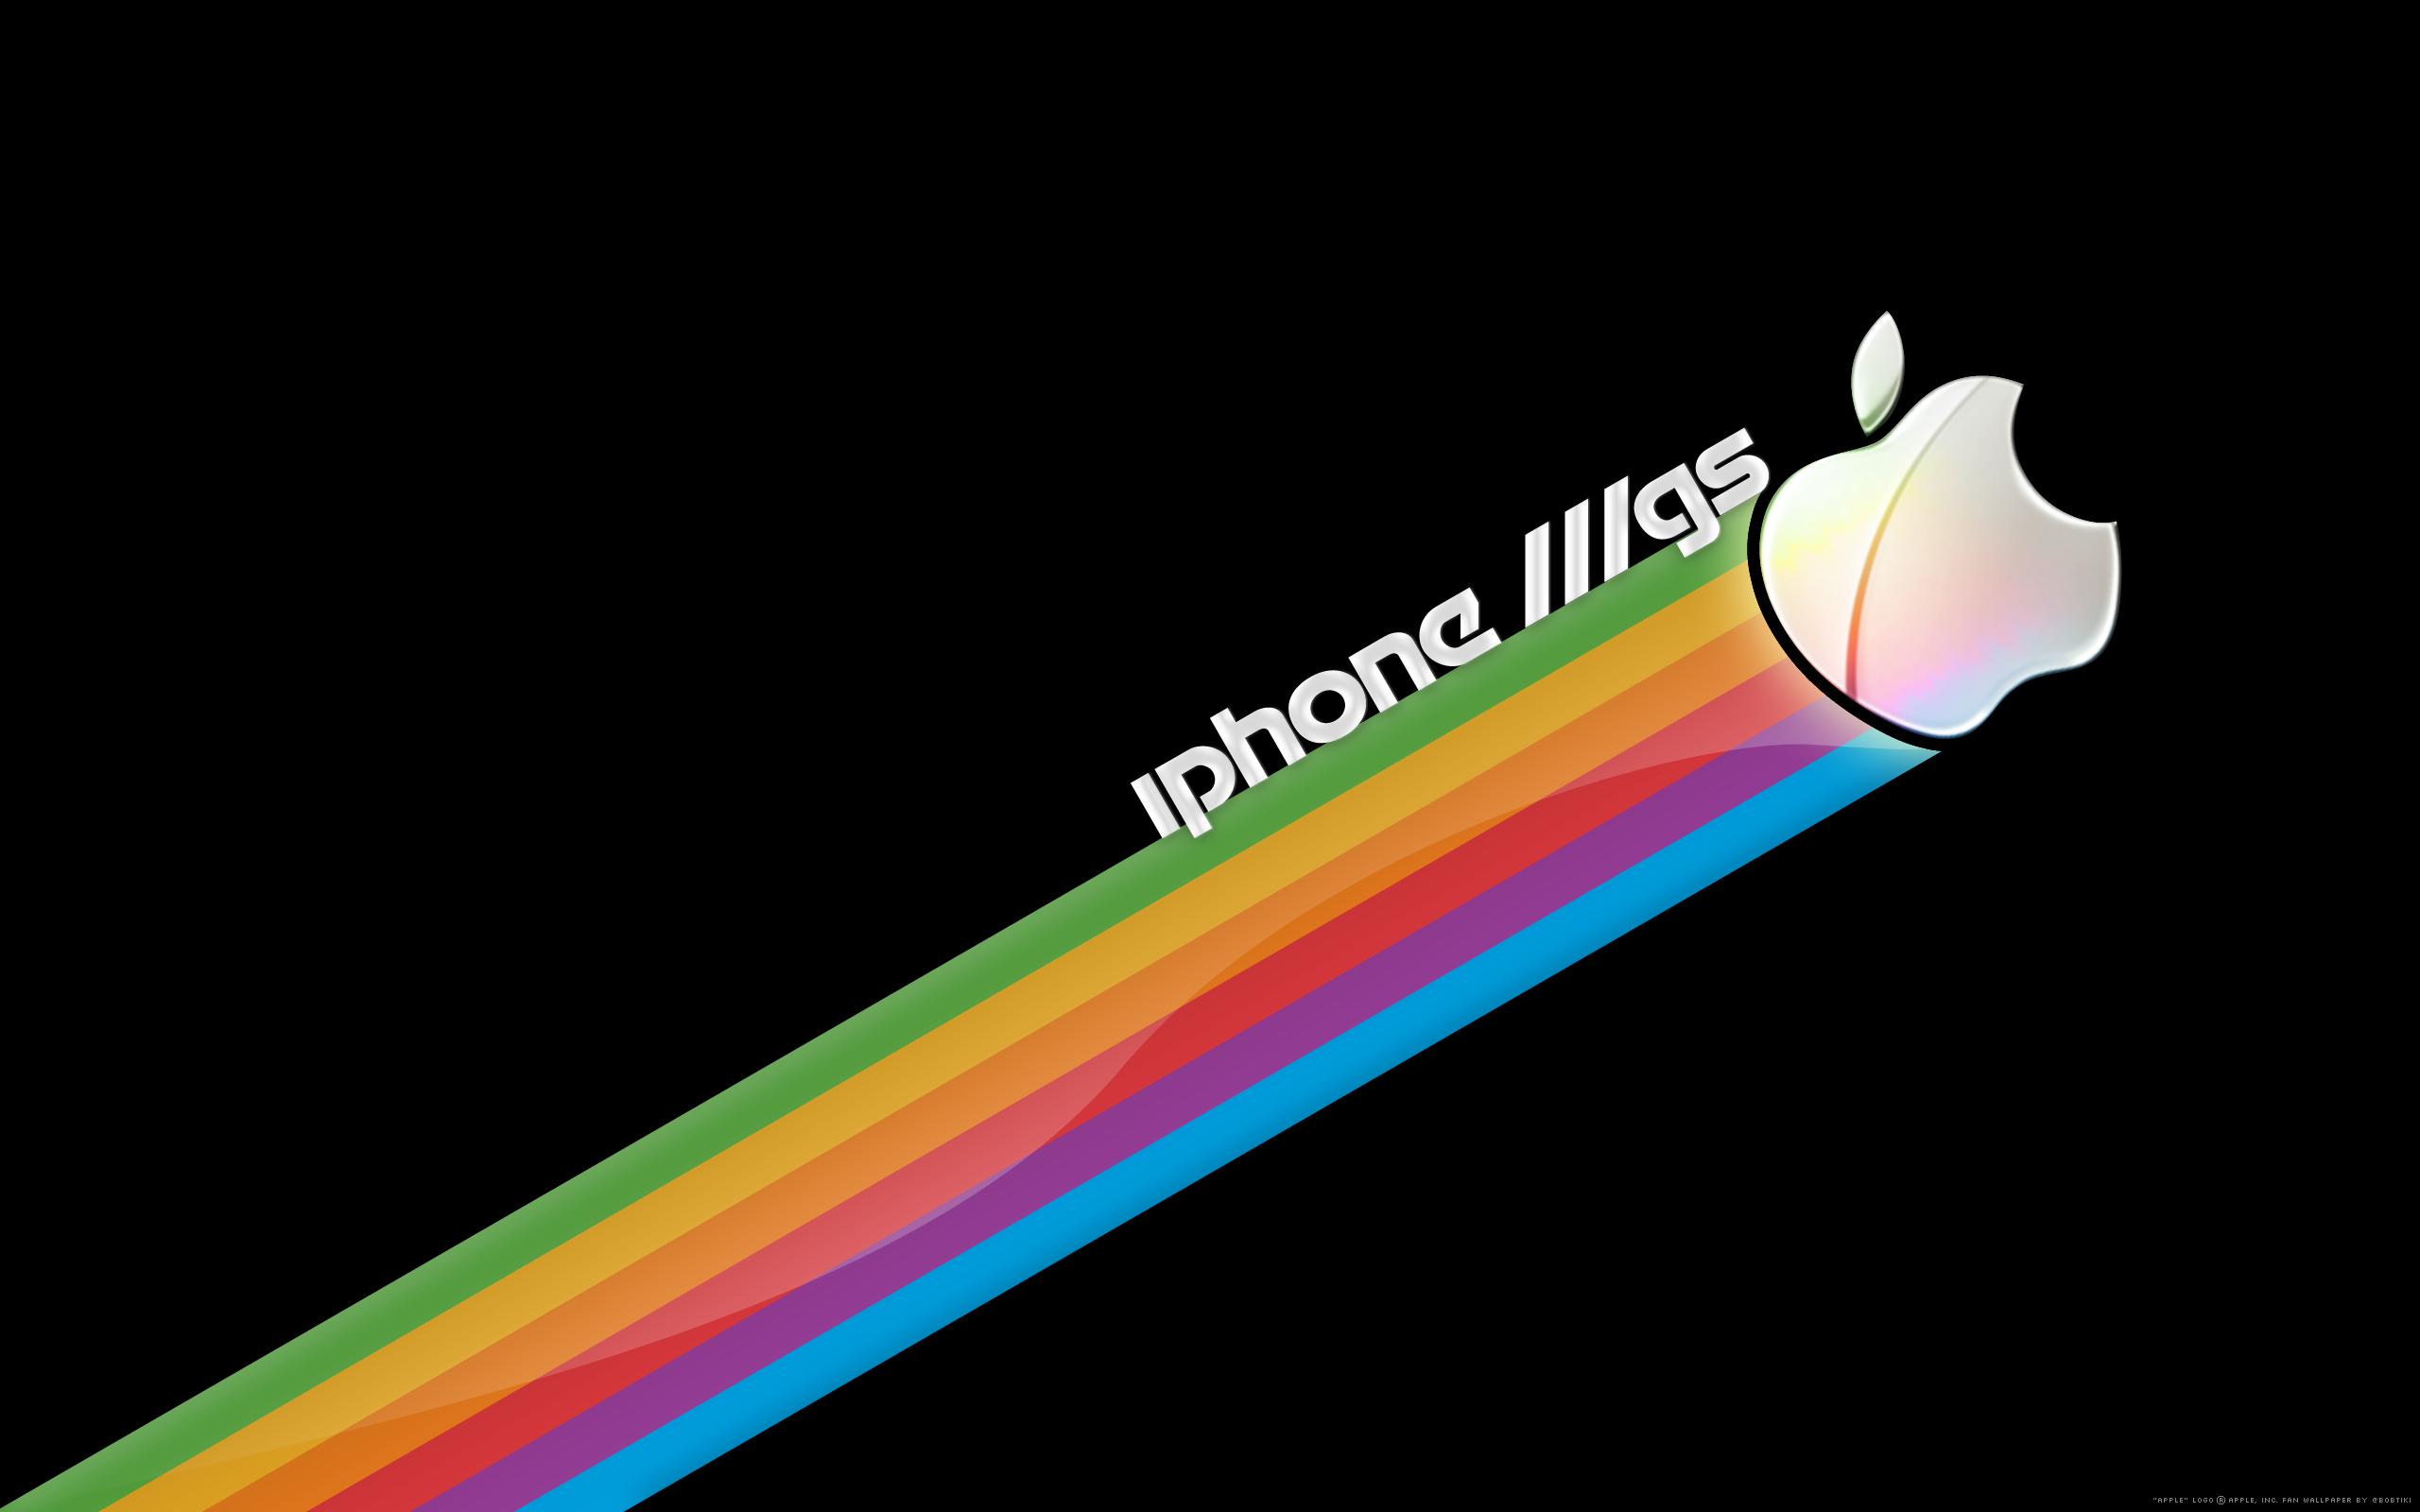 iPhone ///gs Desktop Modern (2560x1600)